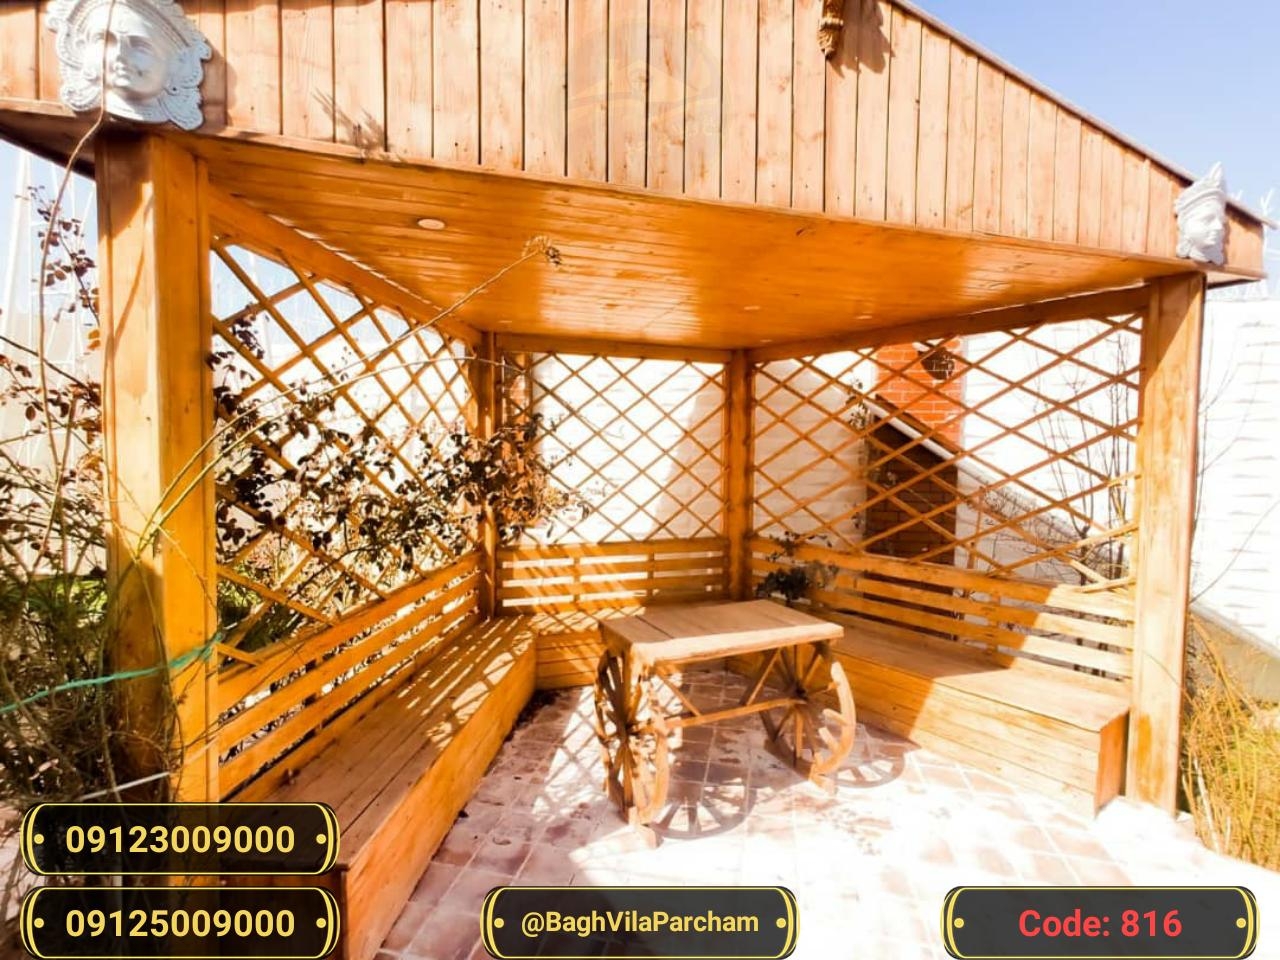 تصویر عکس باغ ویلا شماره 3 از ویلای ۵۰۰ متر ویلا شیک و زیبا Picture photo image 3 of ۵۰۰ متر ویلا شیک و زیبا